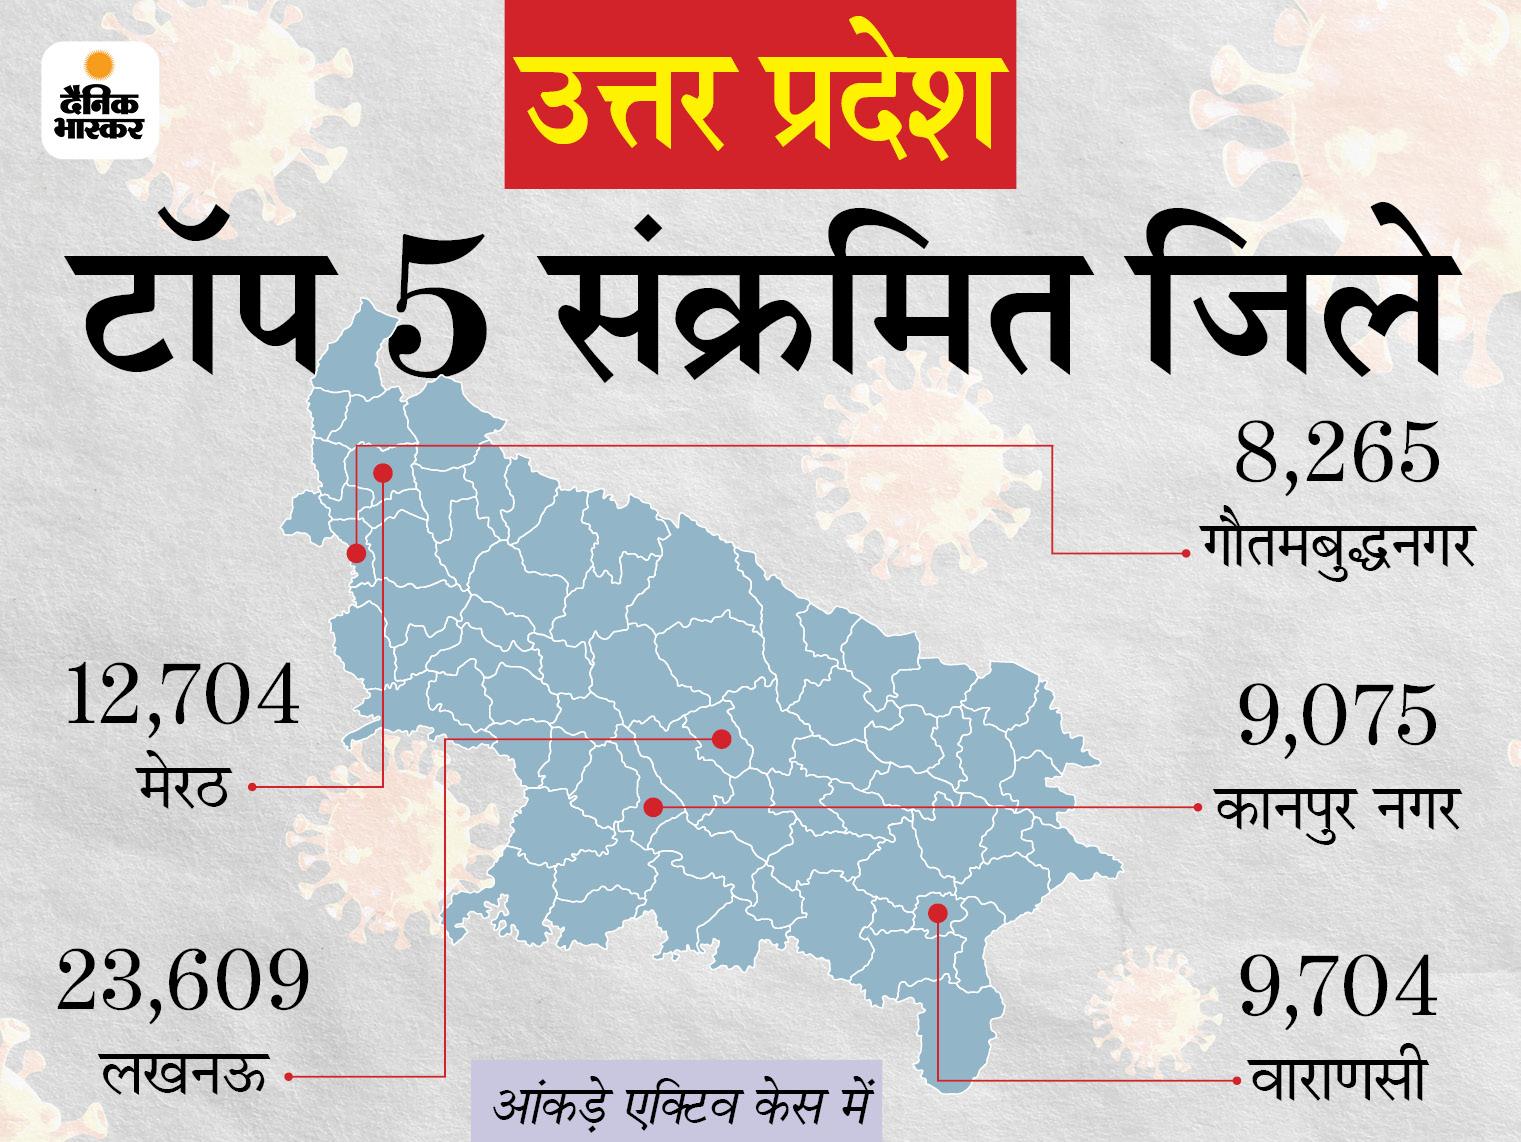 प्रदेश में 9 दिन में 76 हजार एक्टिव केस कम हुए; 11 और जिलों में 18+ उम्र वालों का वैक्सीनेशन शुरू उत्तरप्रदेश,Uttar Pradesh - Dainik Bhaskar